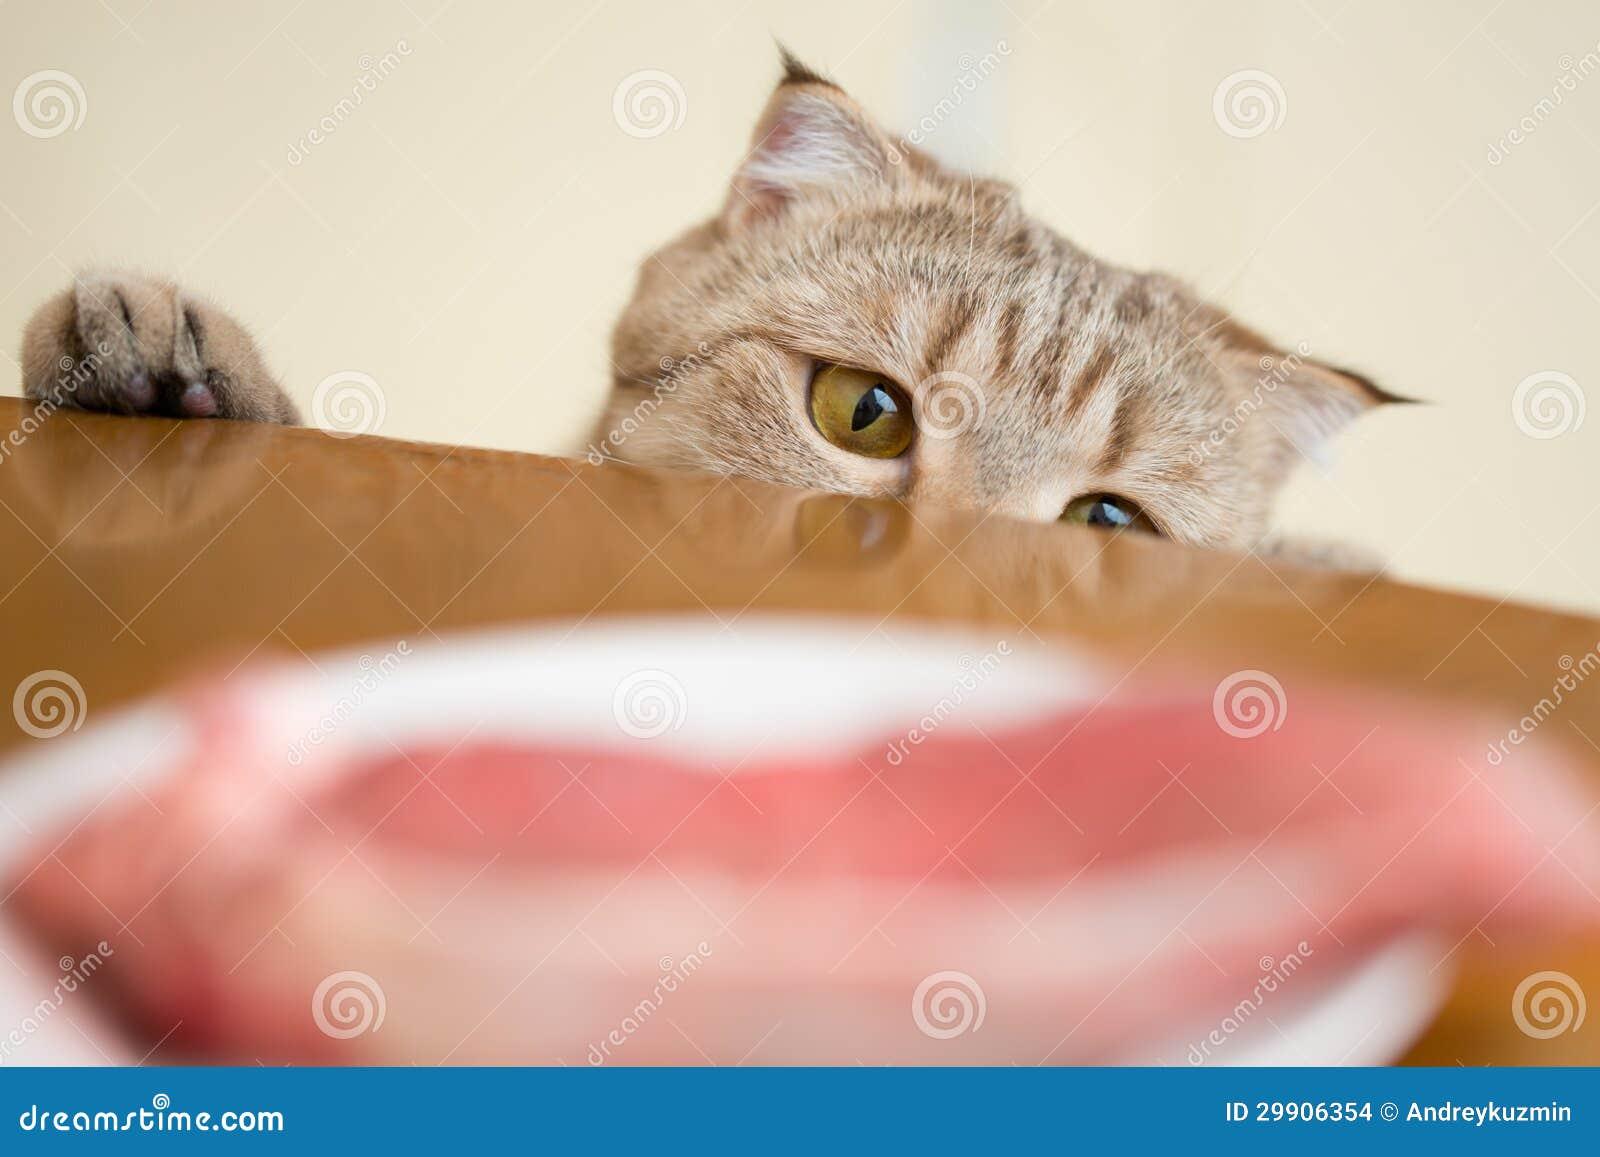 Pröva katt att stjäla rå meat från köksbord